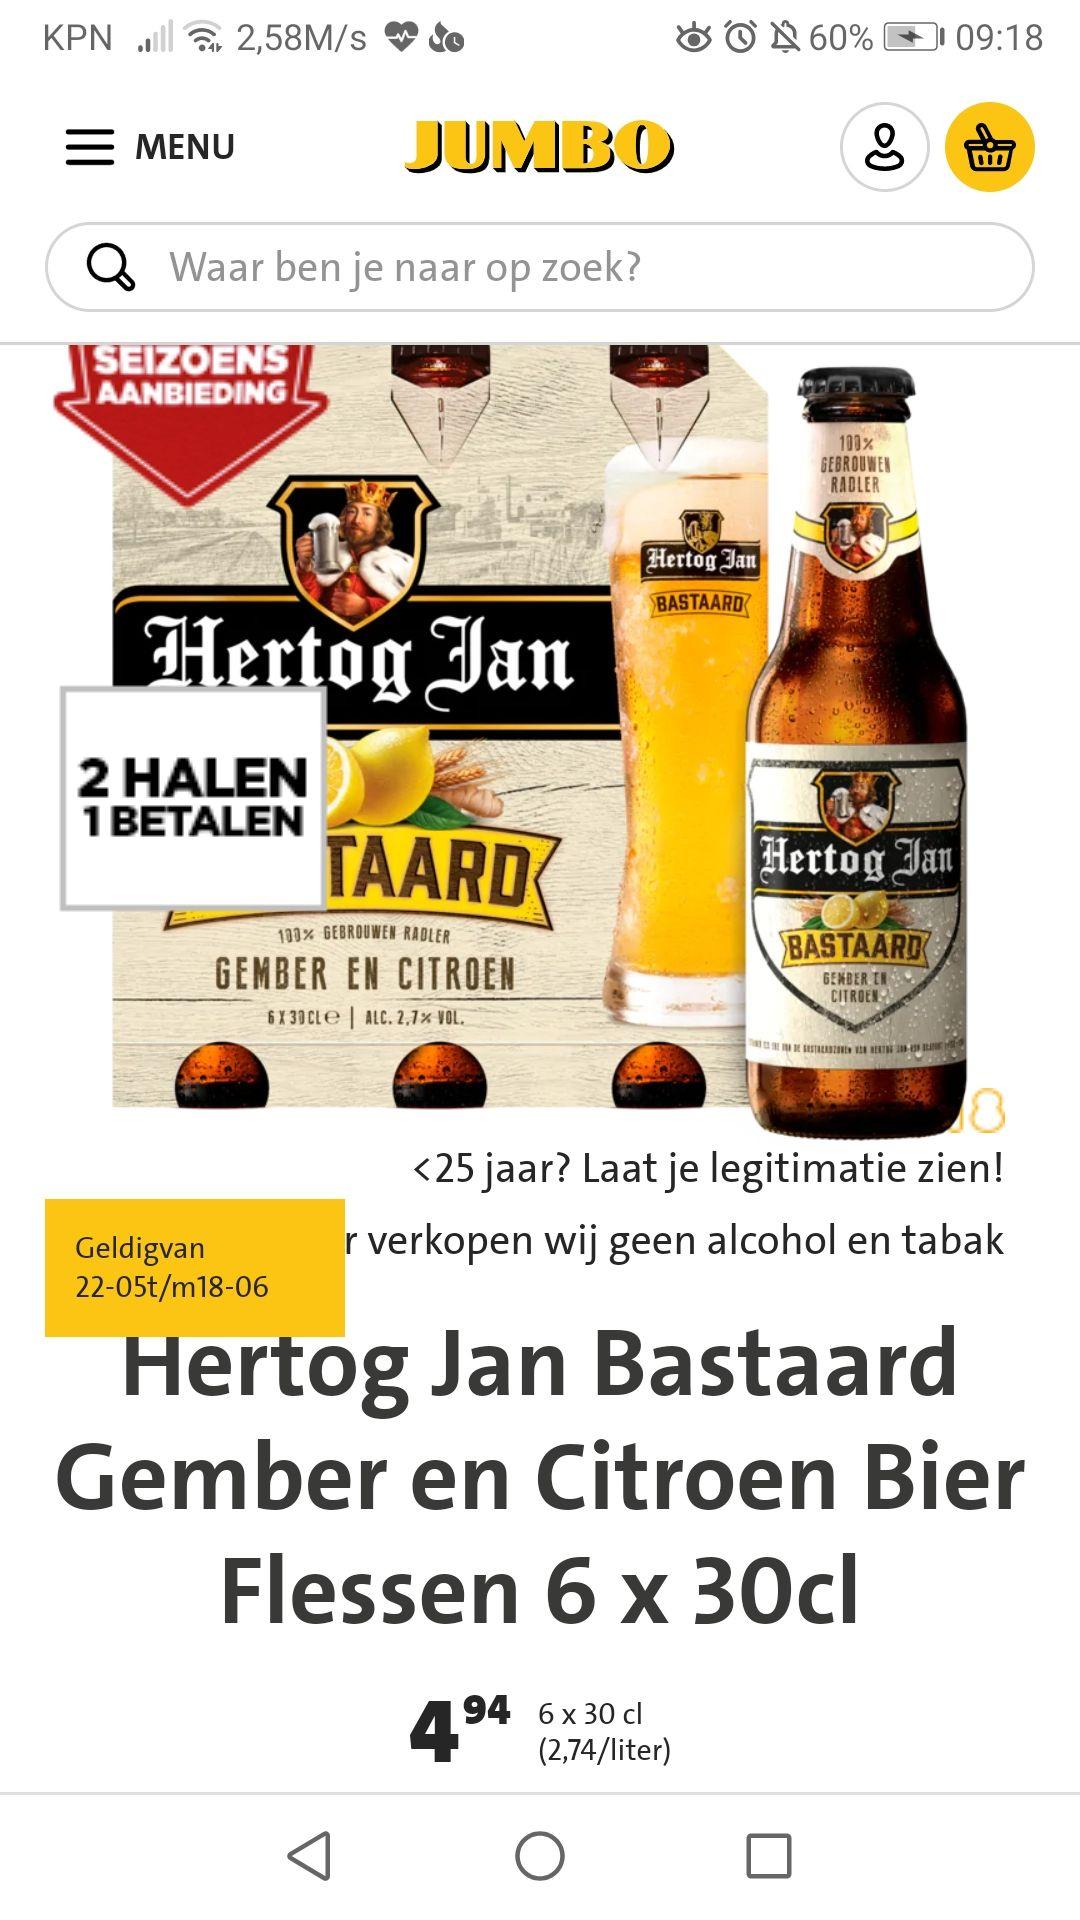 2x 6-pack Hertog Jan Bastaard voor prijs van 1 en lokaal 2 gratis glazen